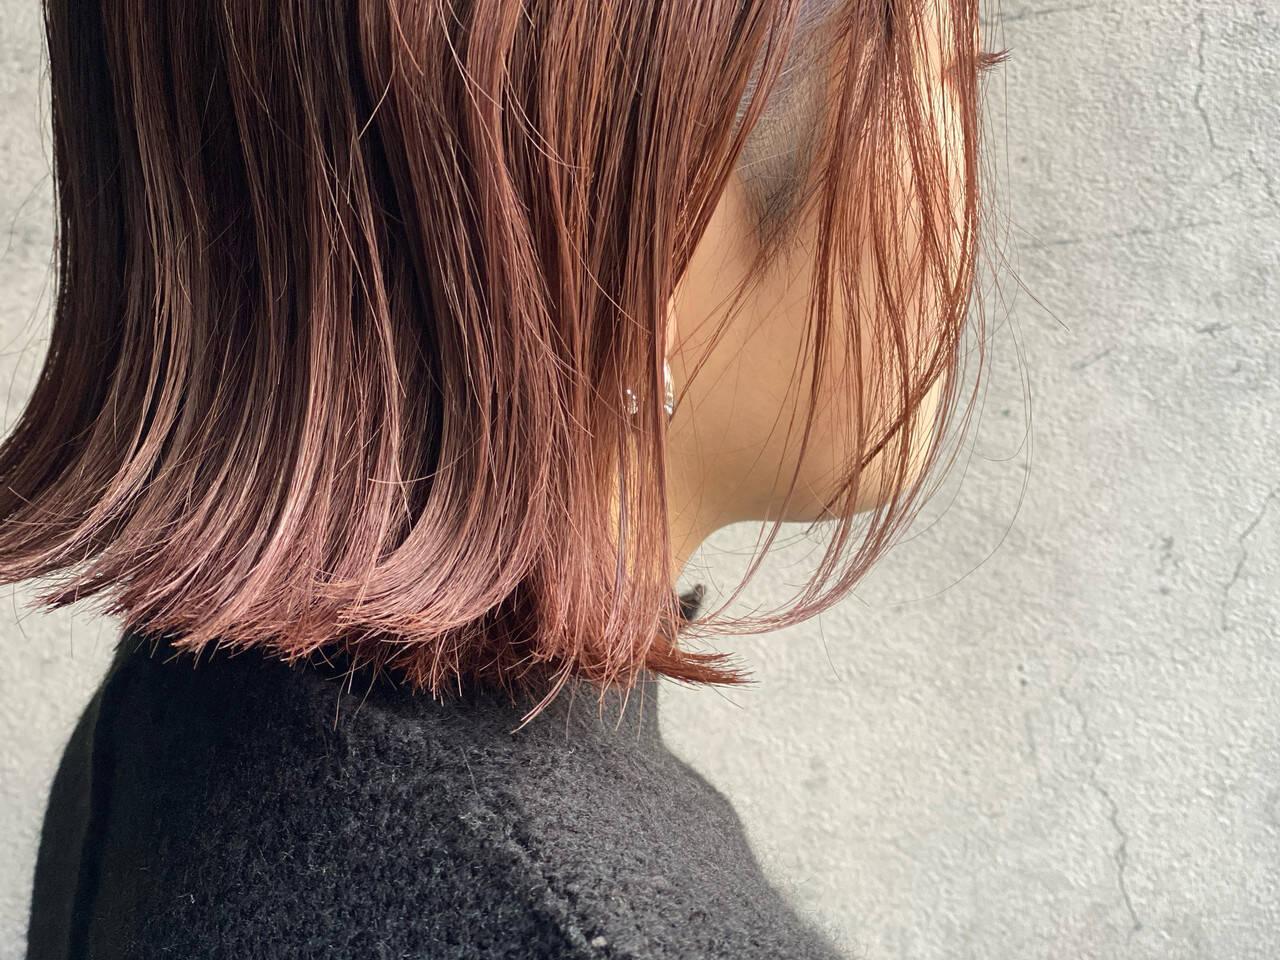 ショートボブ ラベンダーピンク ベリーピンク 濡れ髪スタイルヘアスタイルや髪型の写真・画像